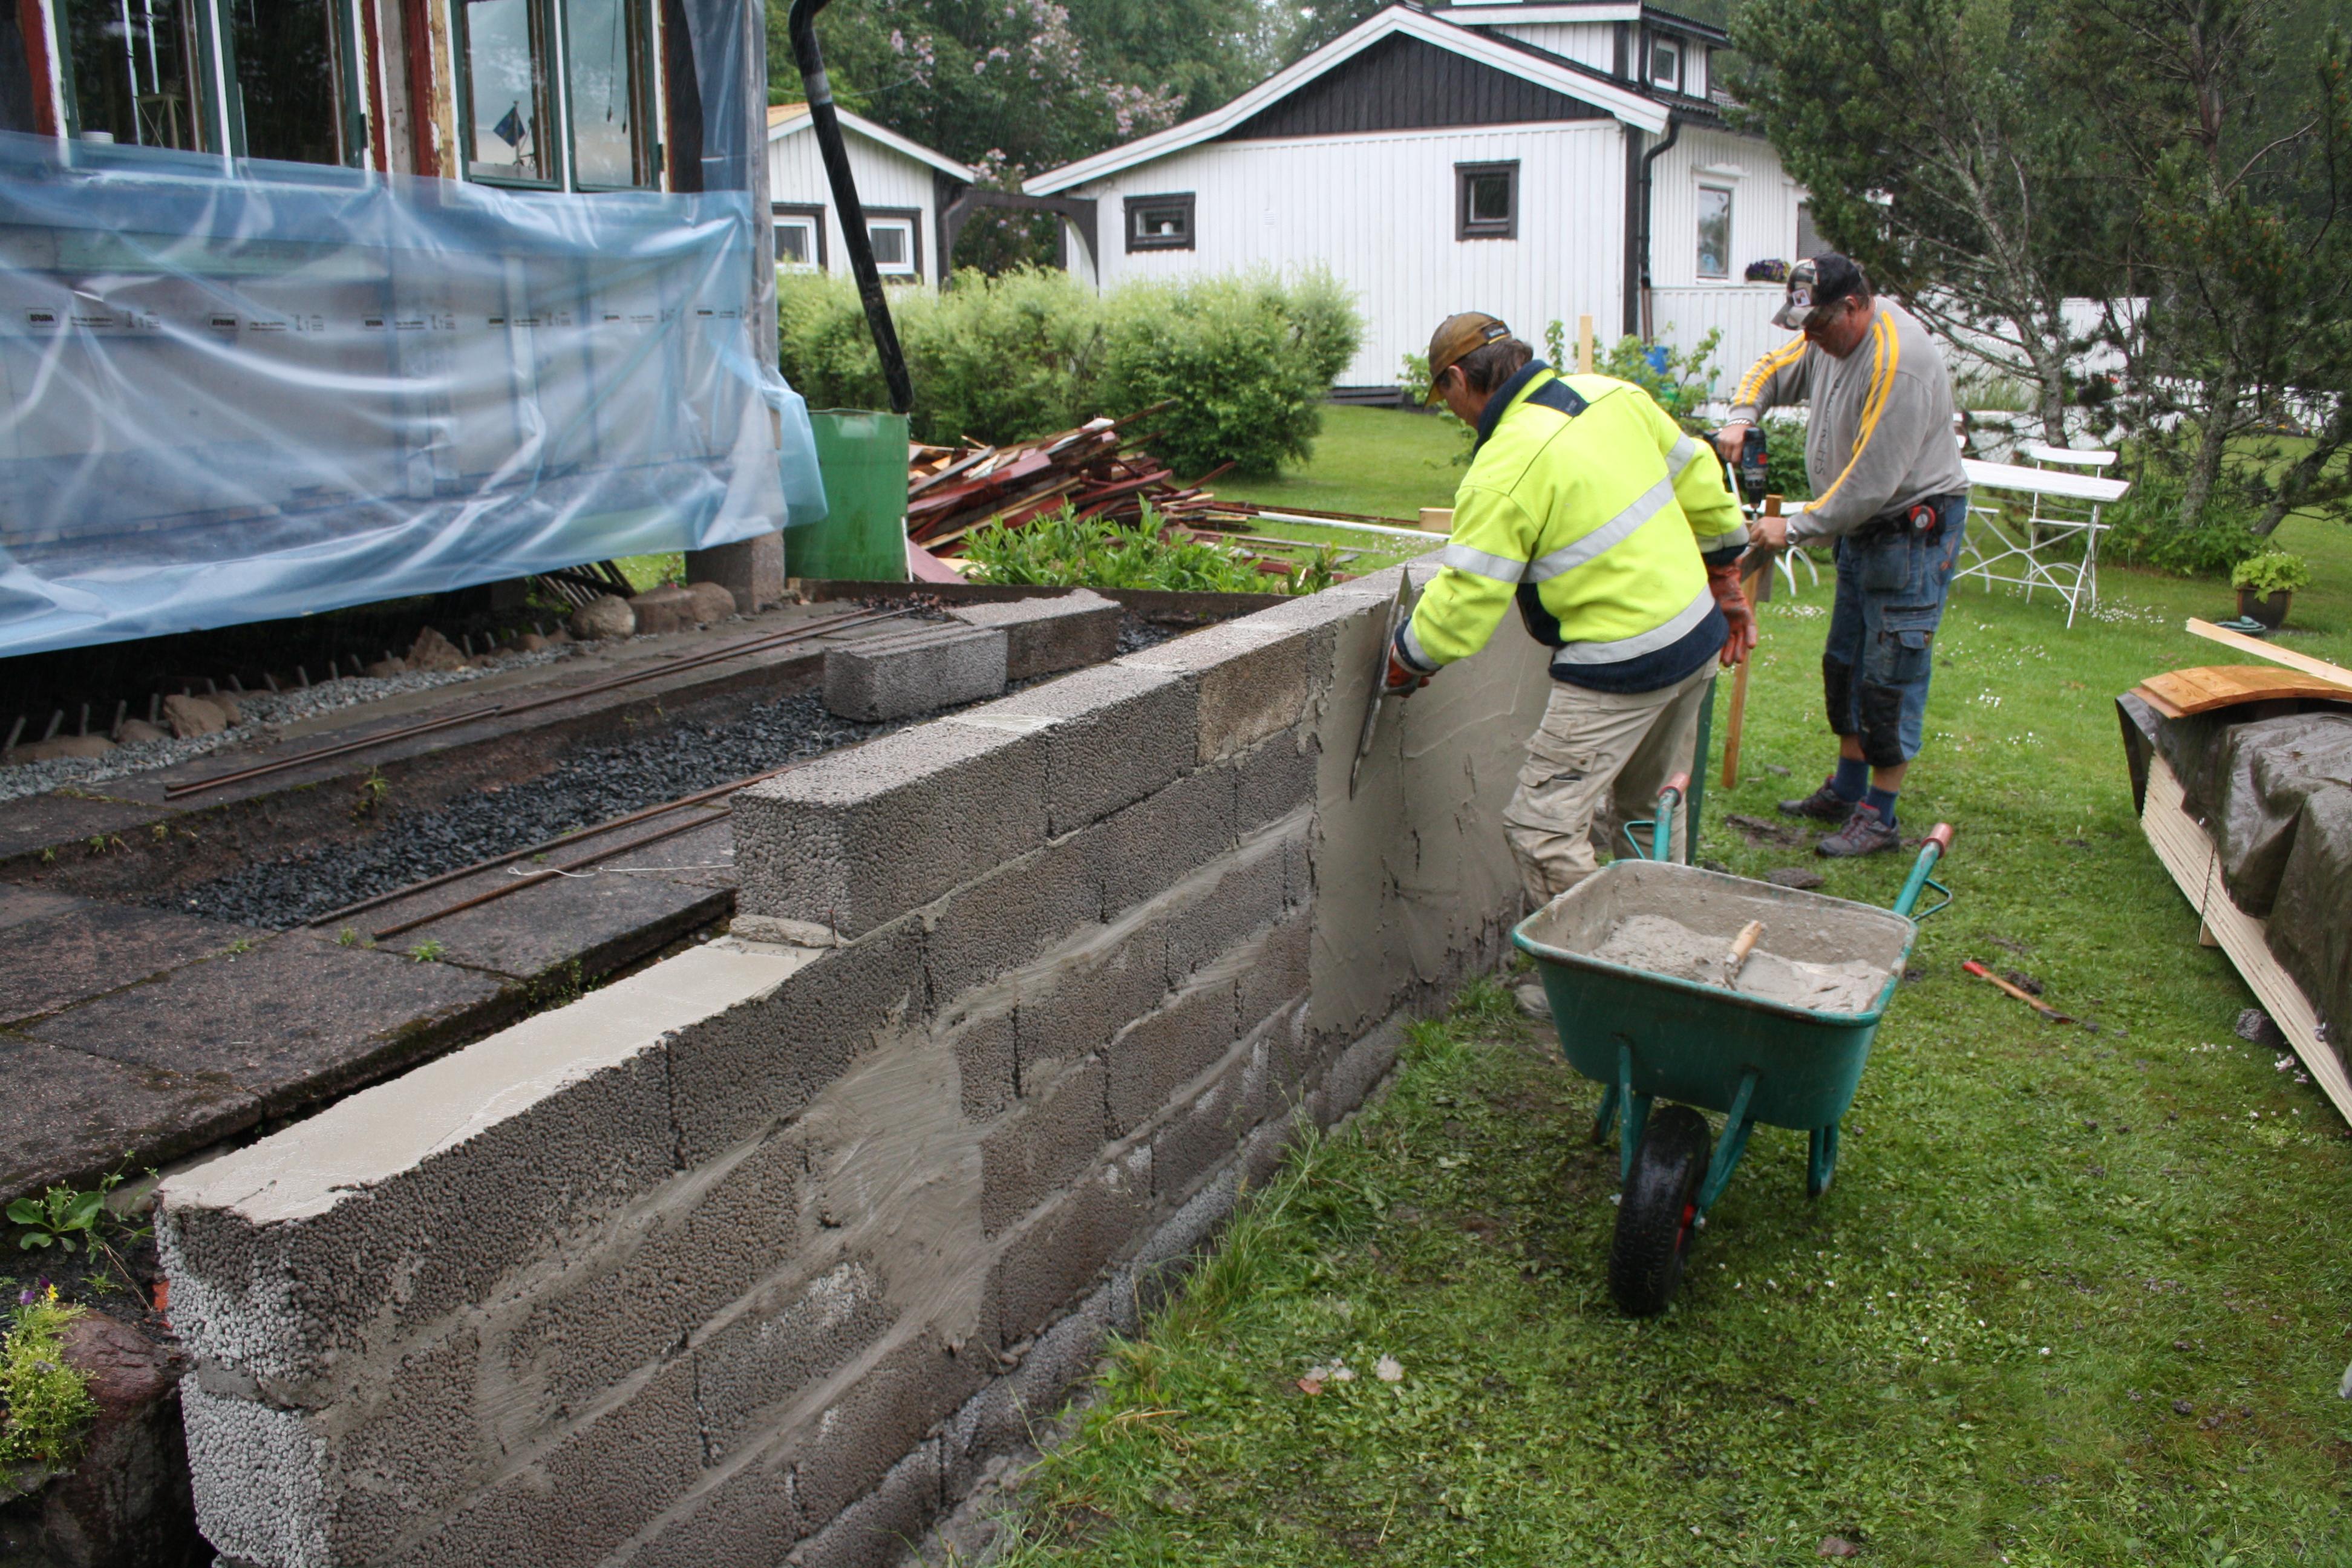 Bygga mur med lecablock